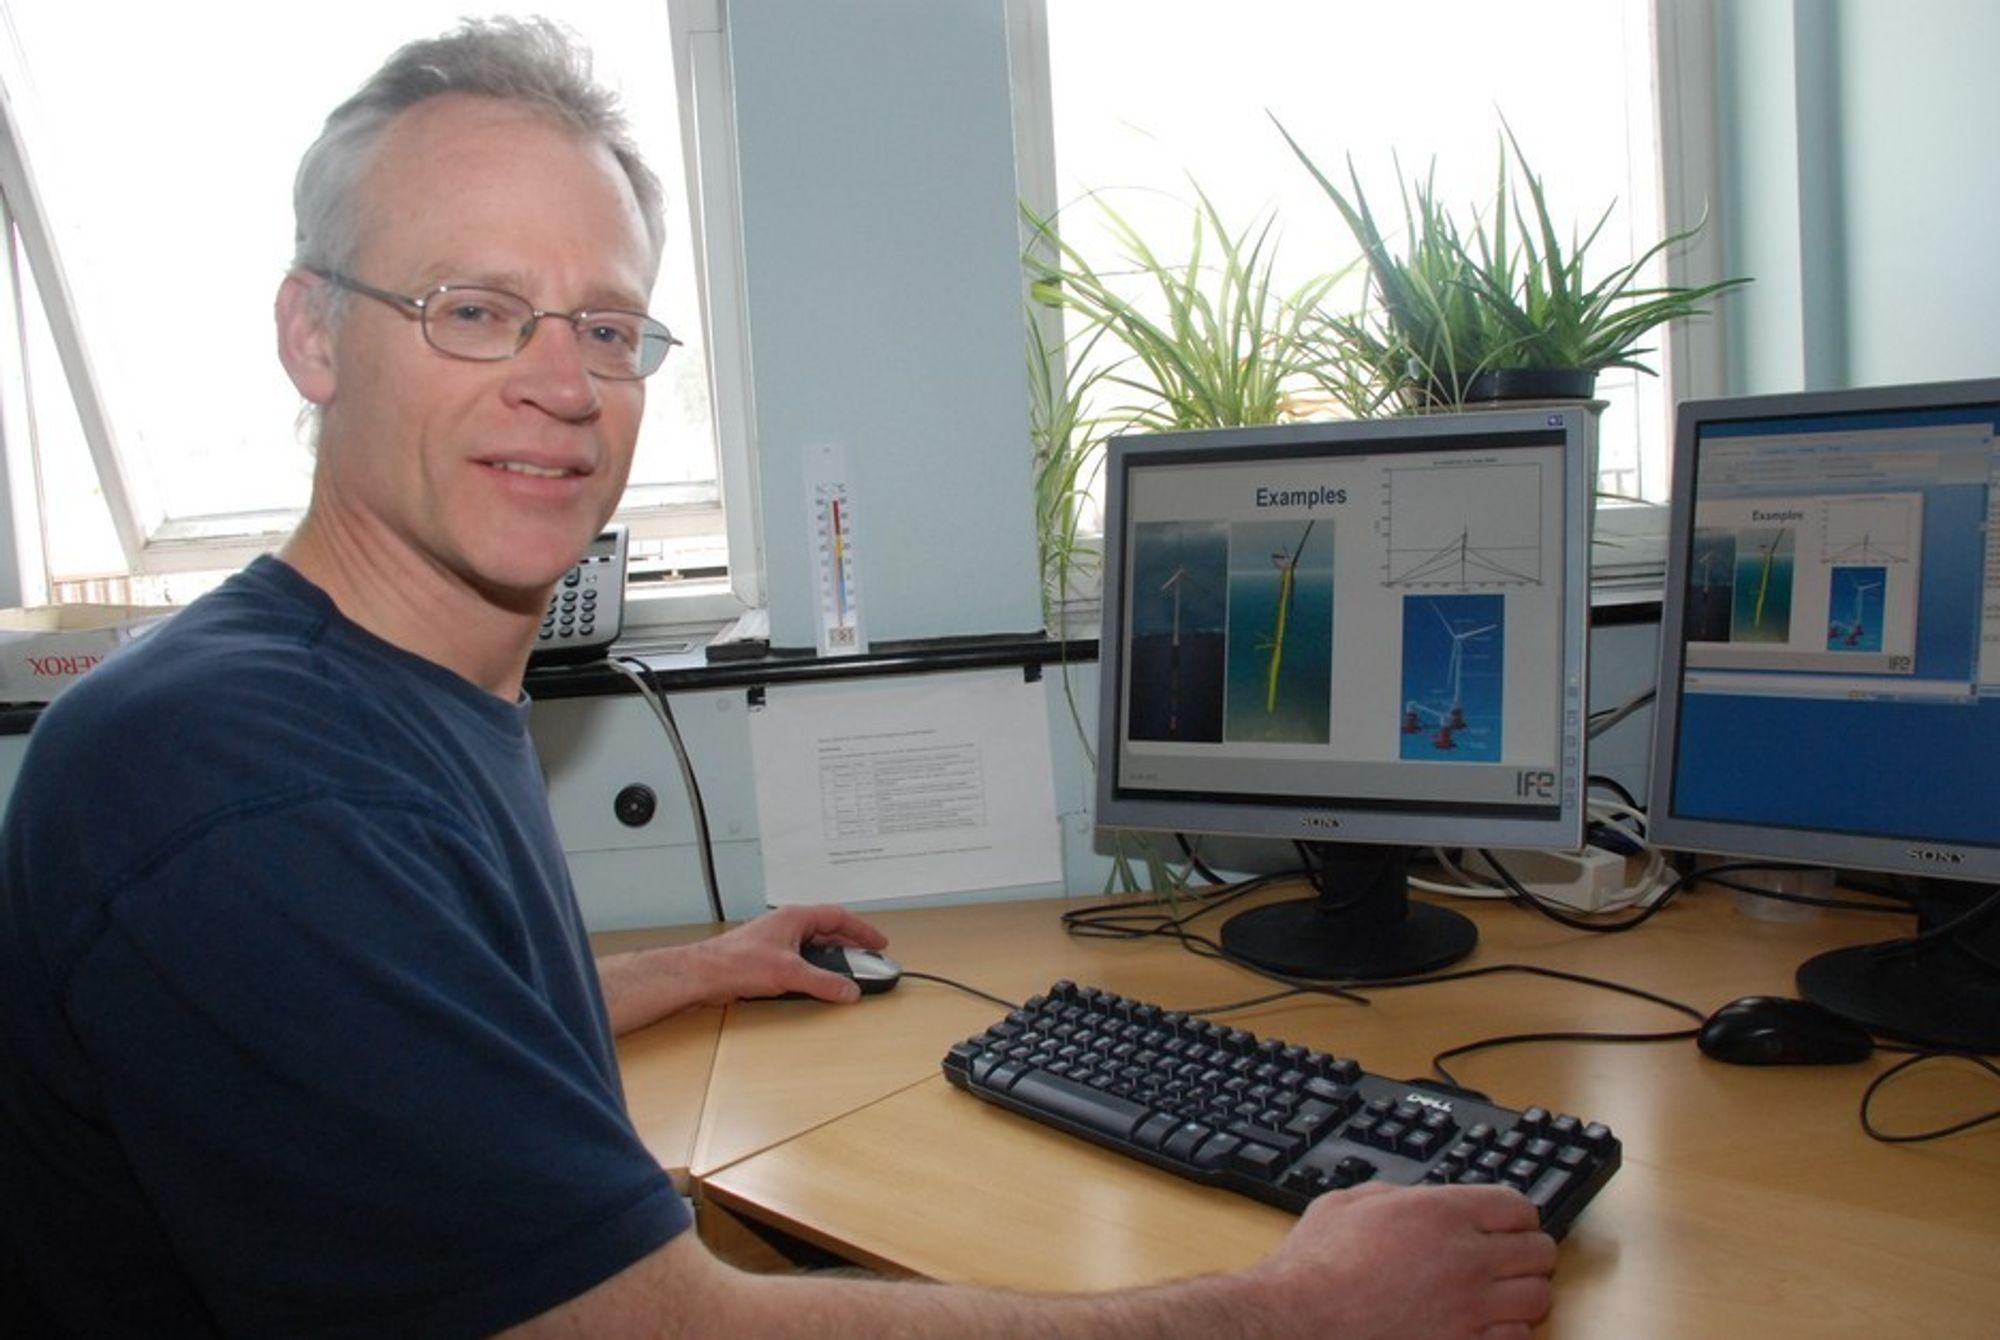 STÅLMENGDEN VIKTIG: - Jeg har veldig respekt for Hywind-piloten, det er et fint stykke ingeniørarbeide. Men hvis man skal ta scenariene for storskala utbygging av vindkraft til havs på alvor, er stålmengden viktig, sier professor Tor Arne Nygaard.